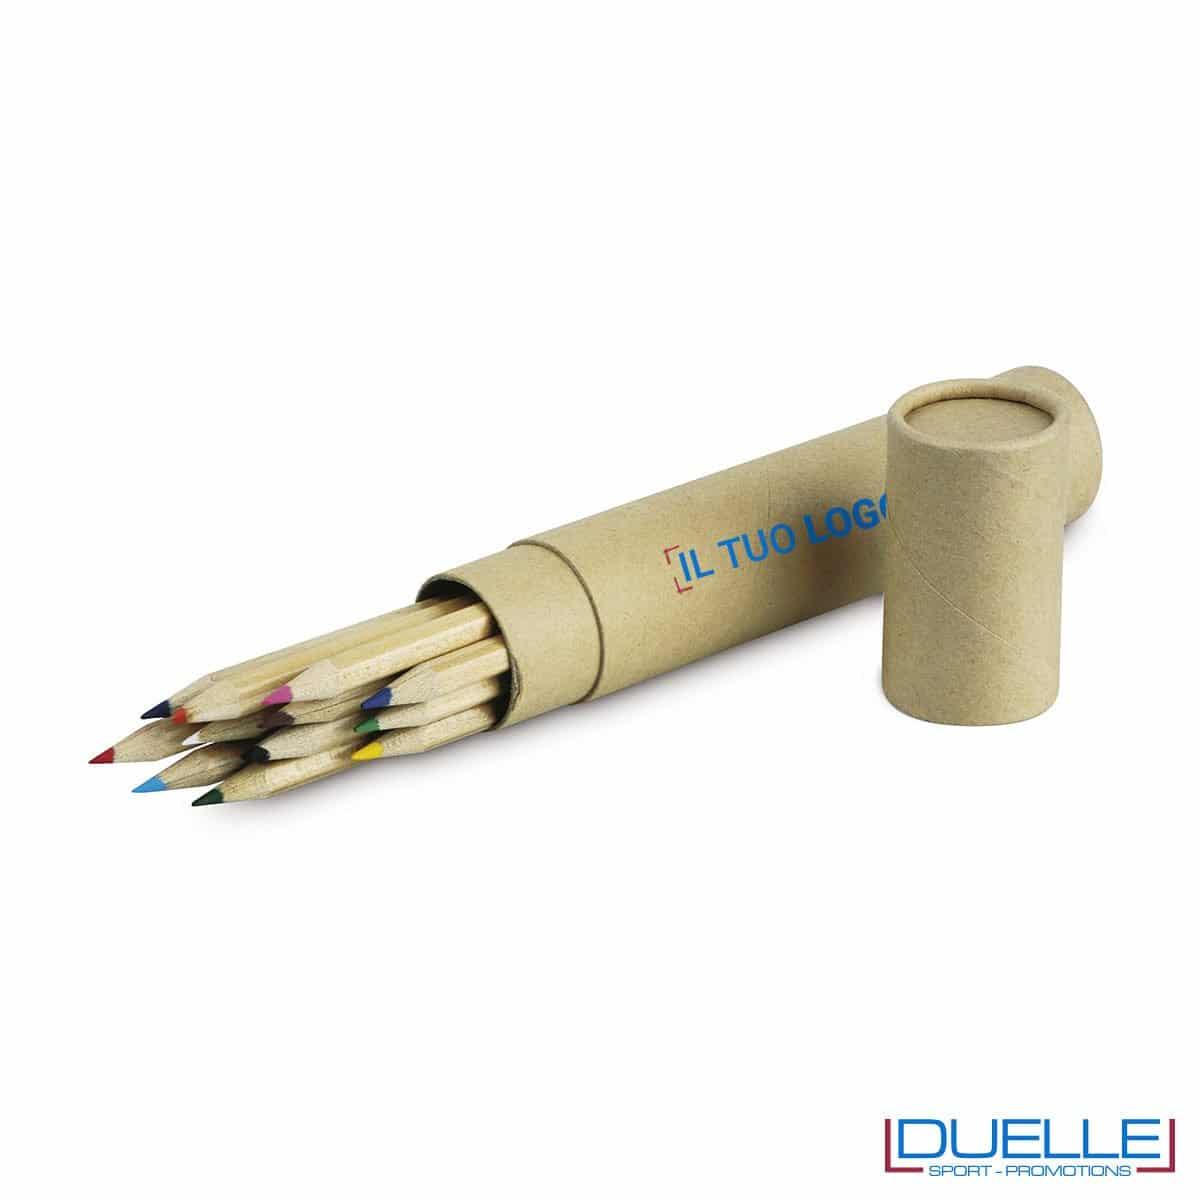 matite colorate personalizzate, gadget bambini personalizzati, gadget aziendali personalizzati, gadget personalizzati, articoli promozionali